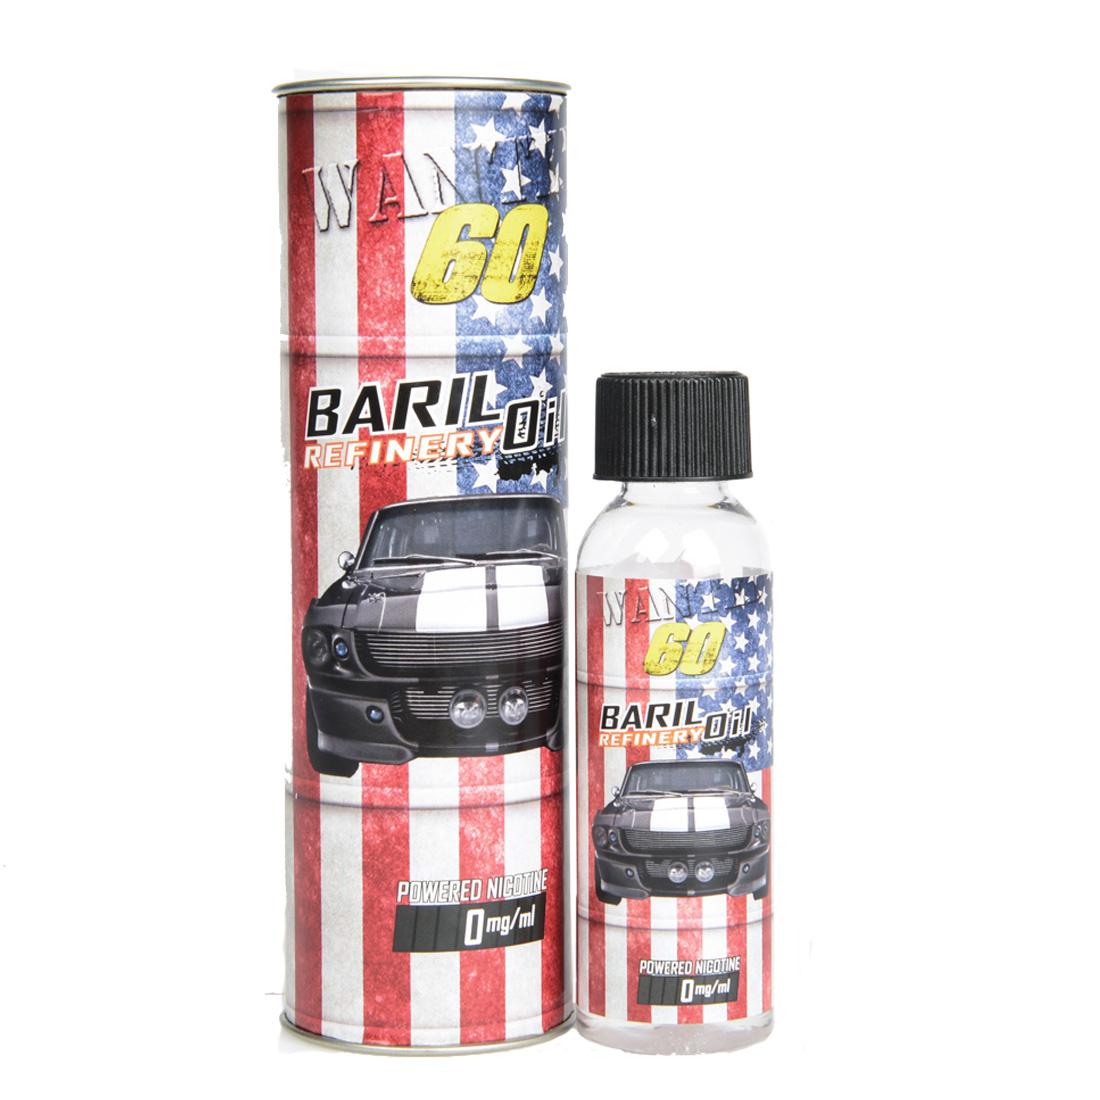 E-LIQUIDE BARIL OIL 60 40ML